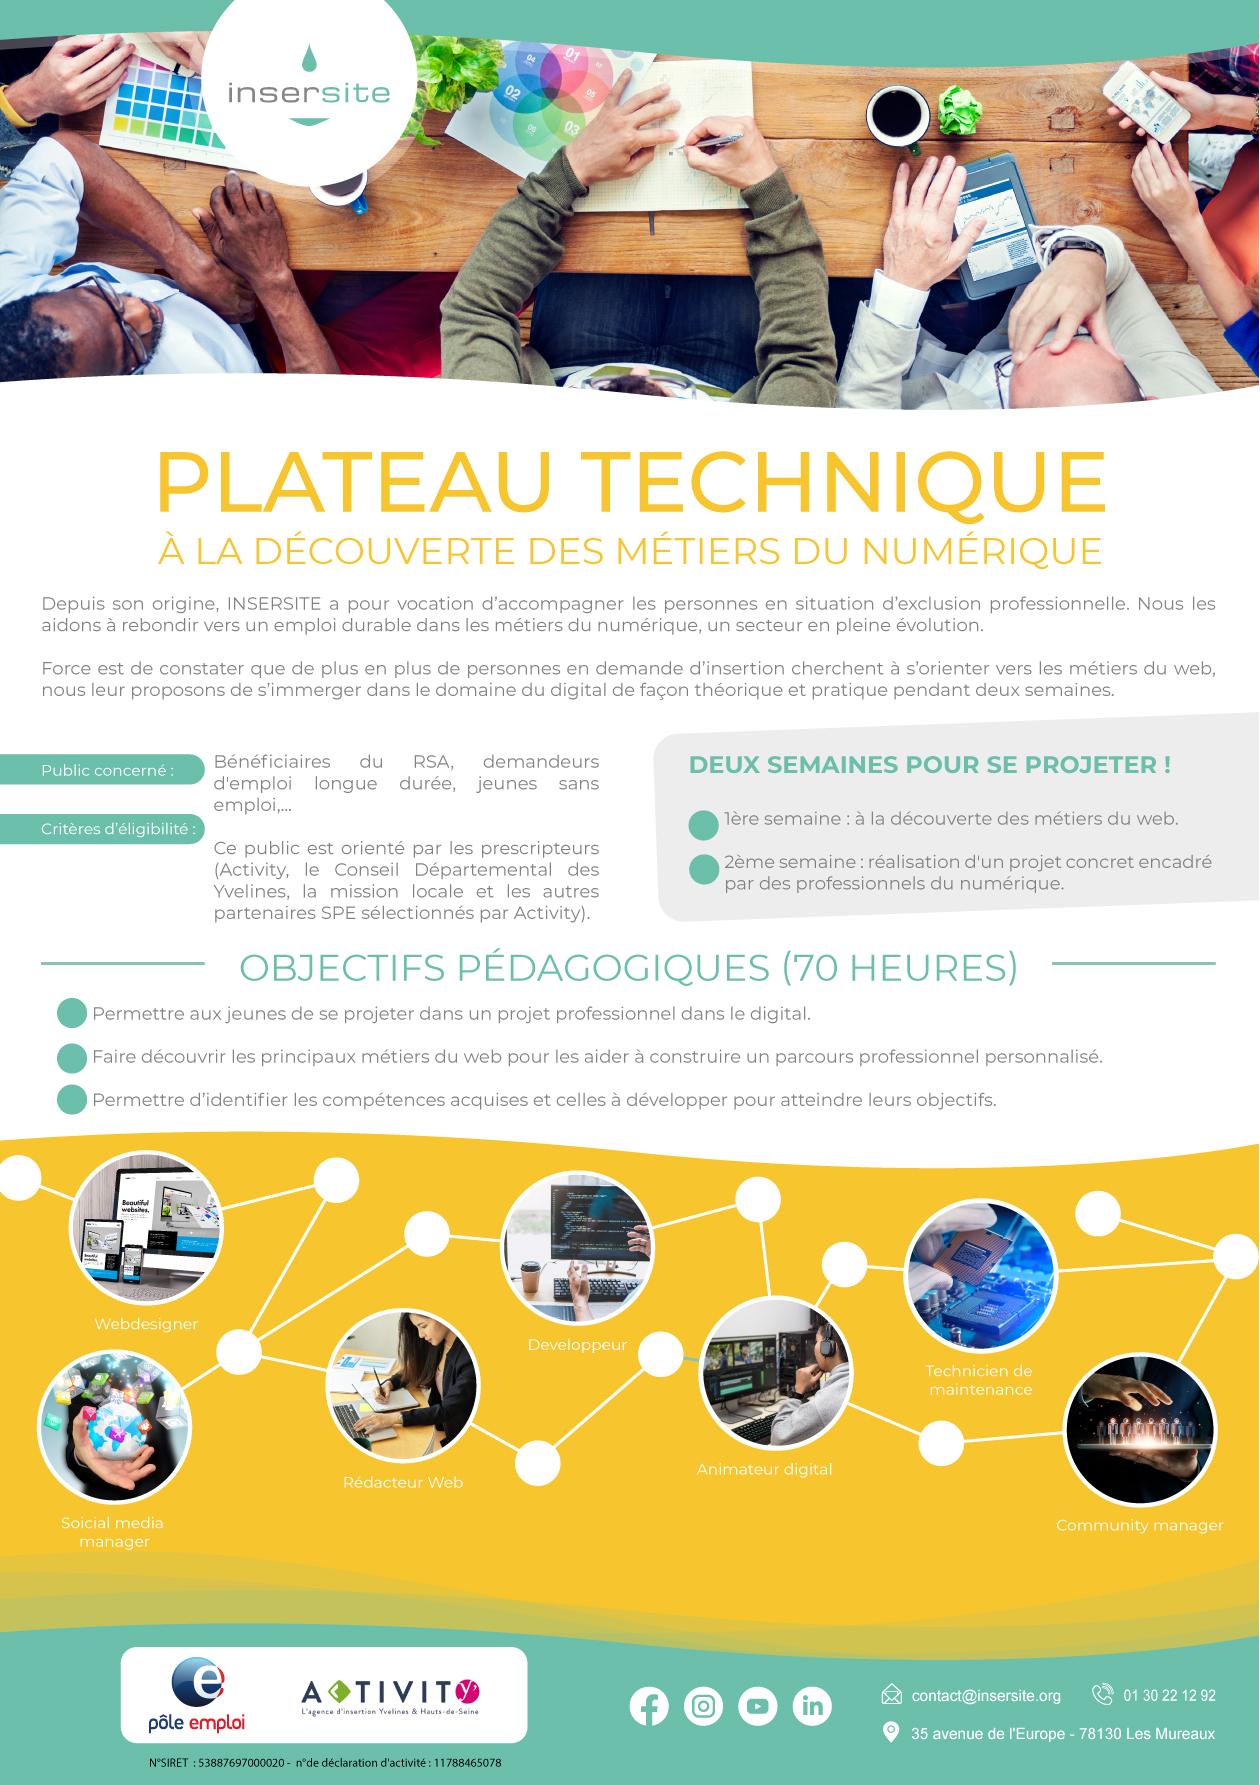 Plateau technique à la découverte des métiers du numérique